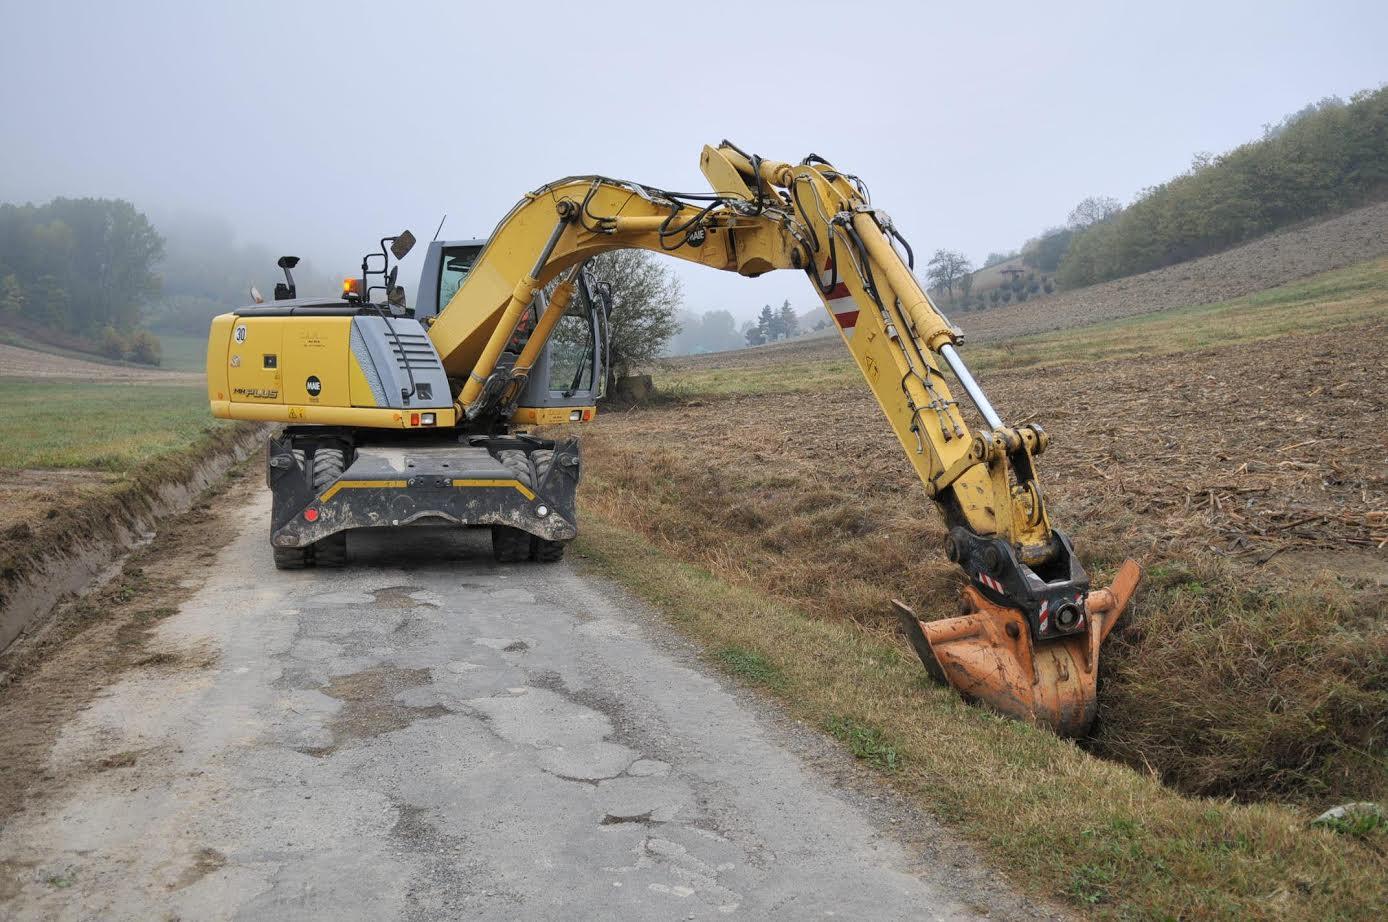 Iniziati i grandi lavori sulle strade frazionali di Asti: asfalti e fossati per 500.000 euro